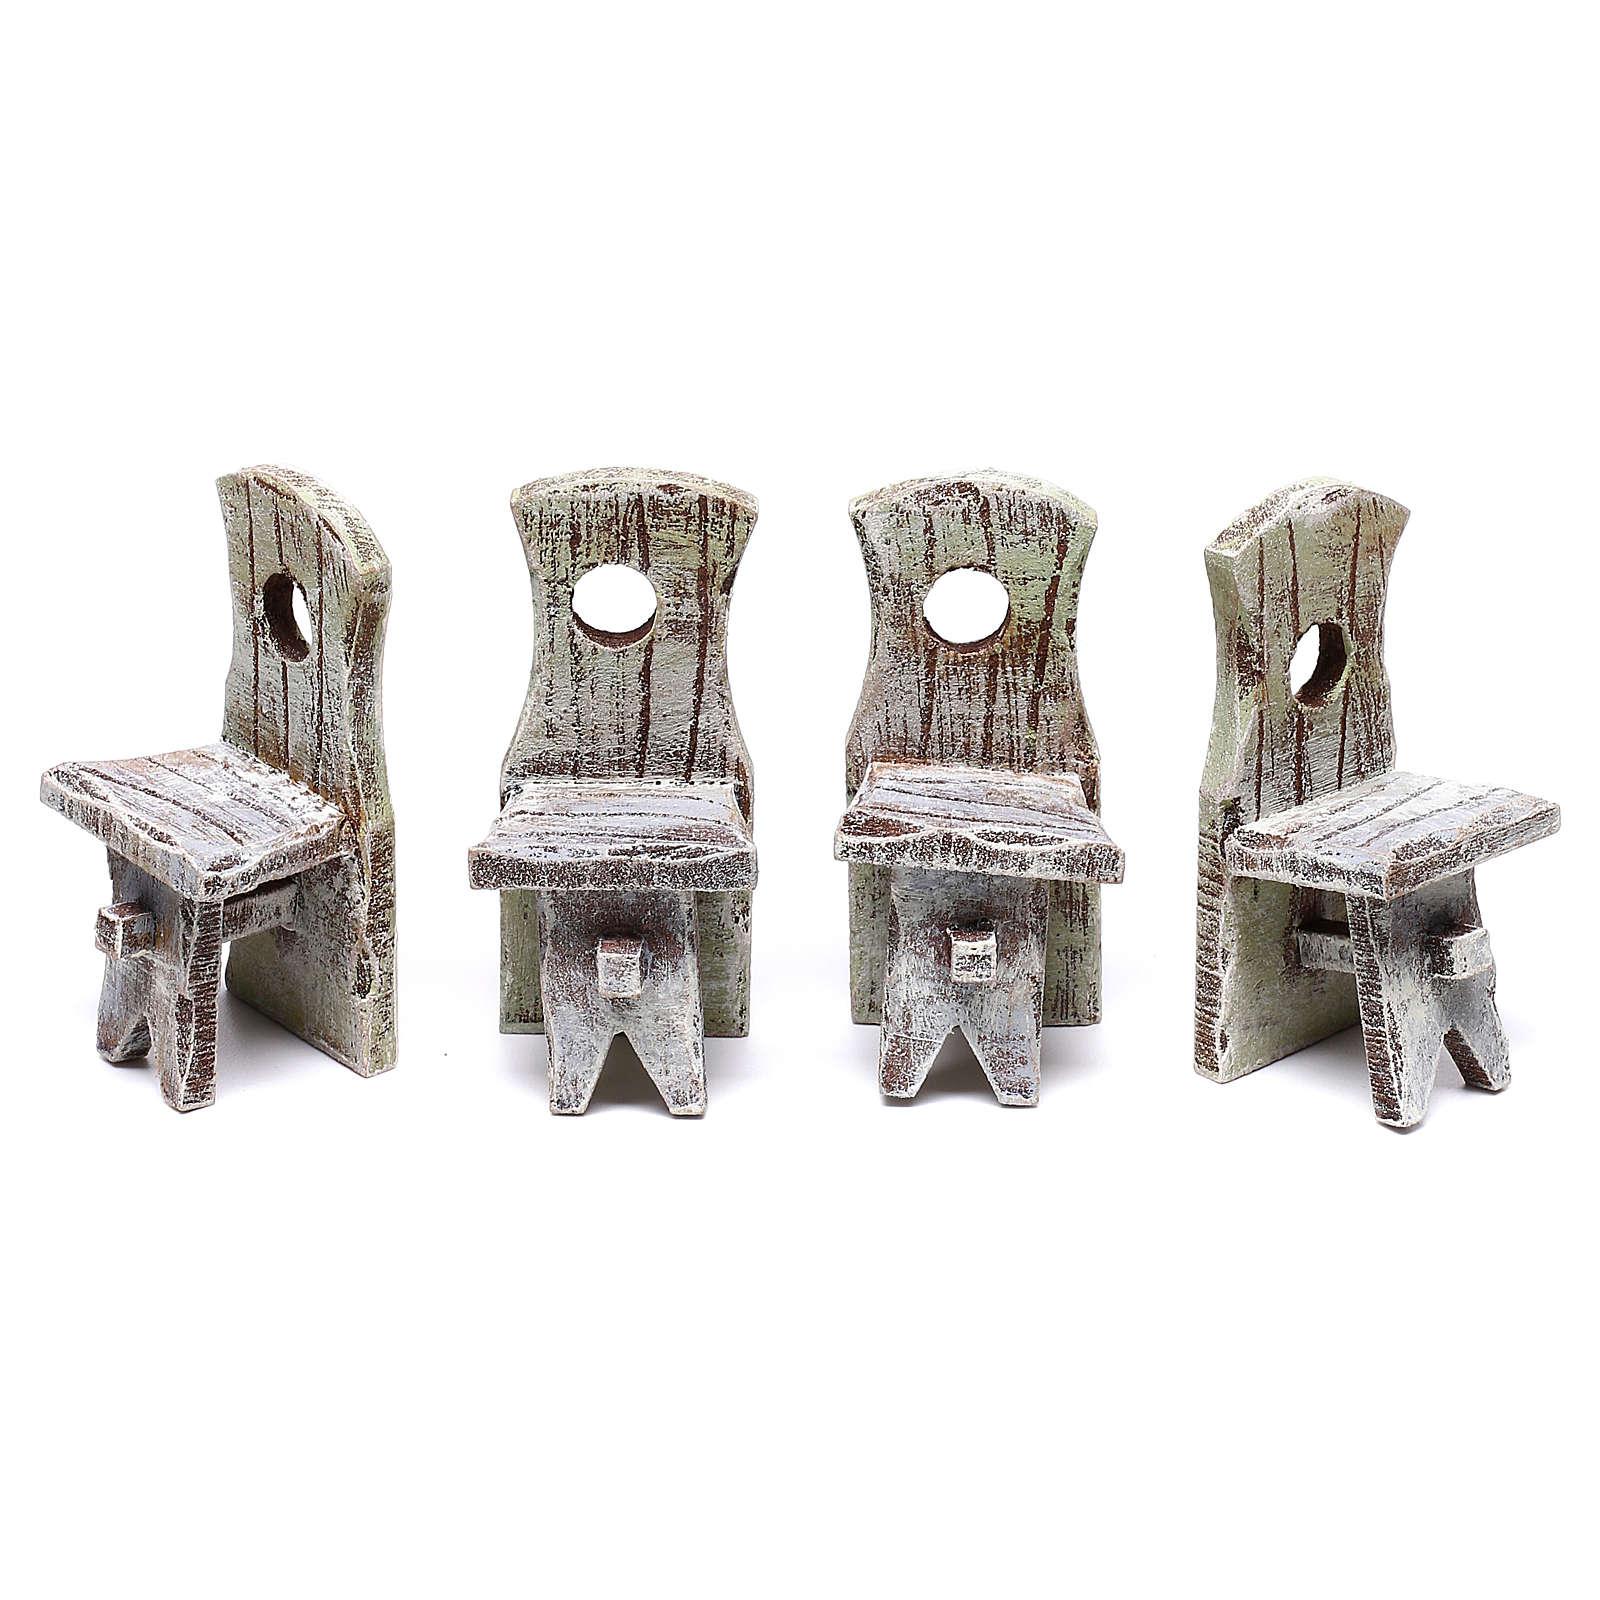 Mesa puesta con 4 sillas para belén de 10 cm 5x5x5 cm 4